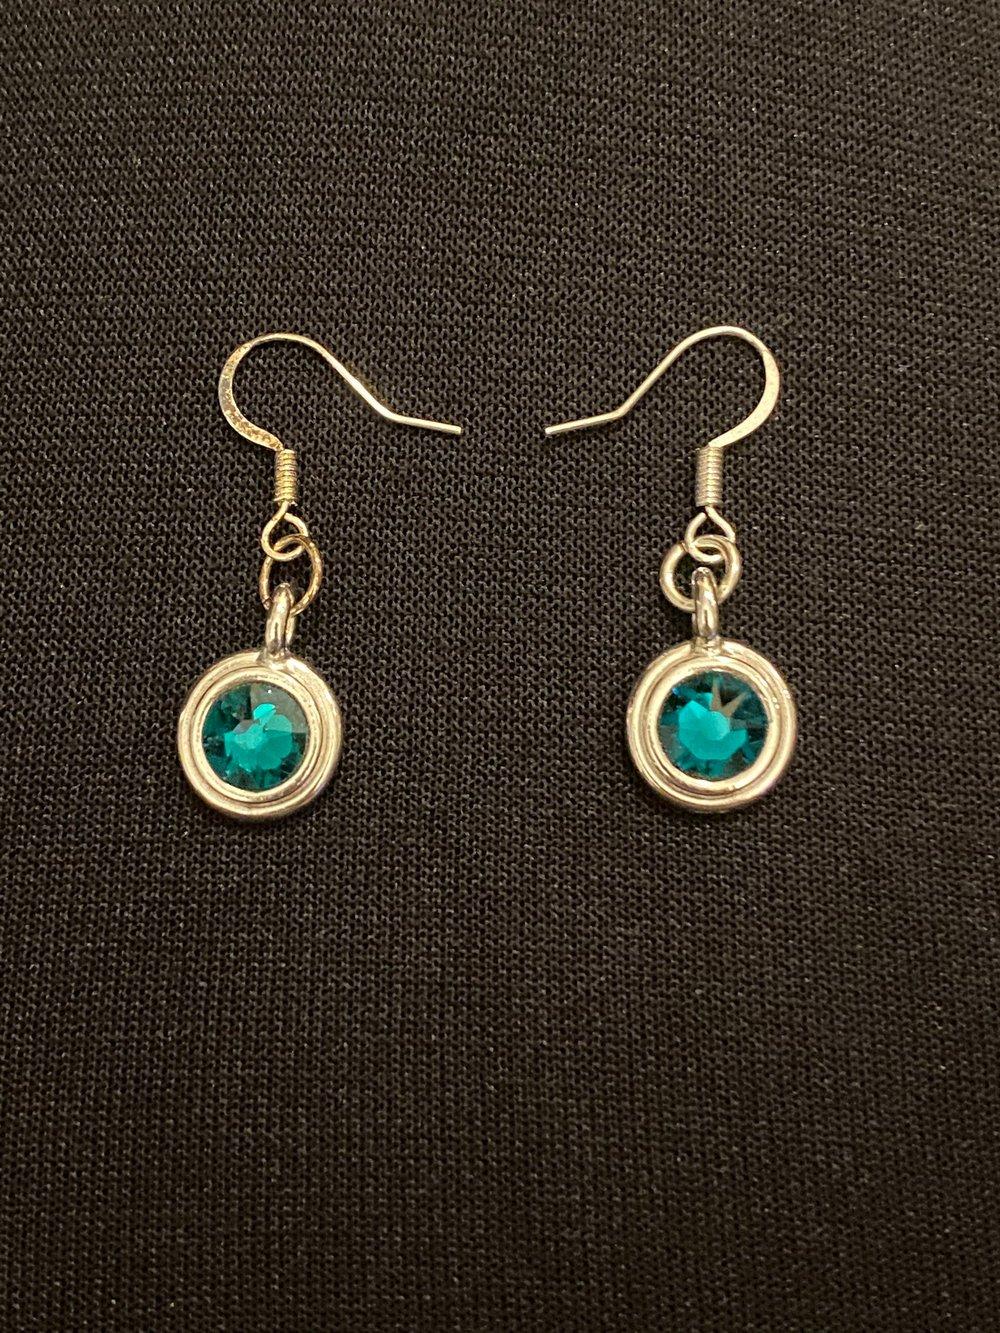 Emerald Glass Pendant Silver Earrings